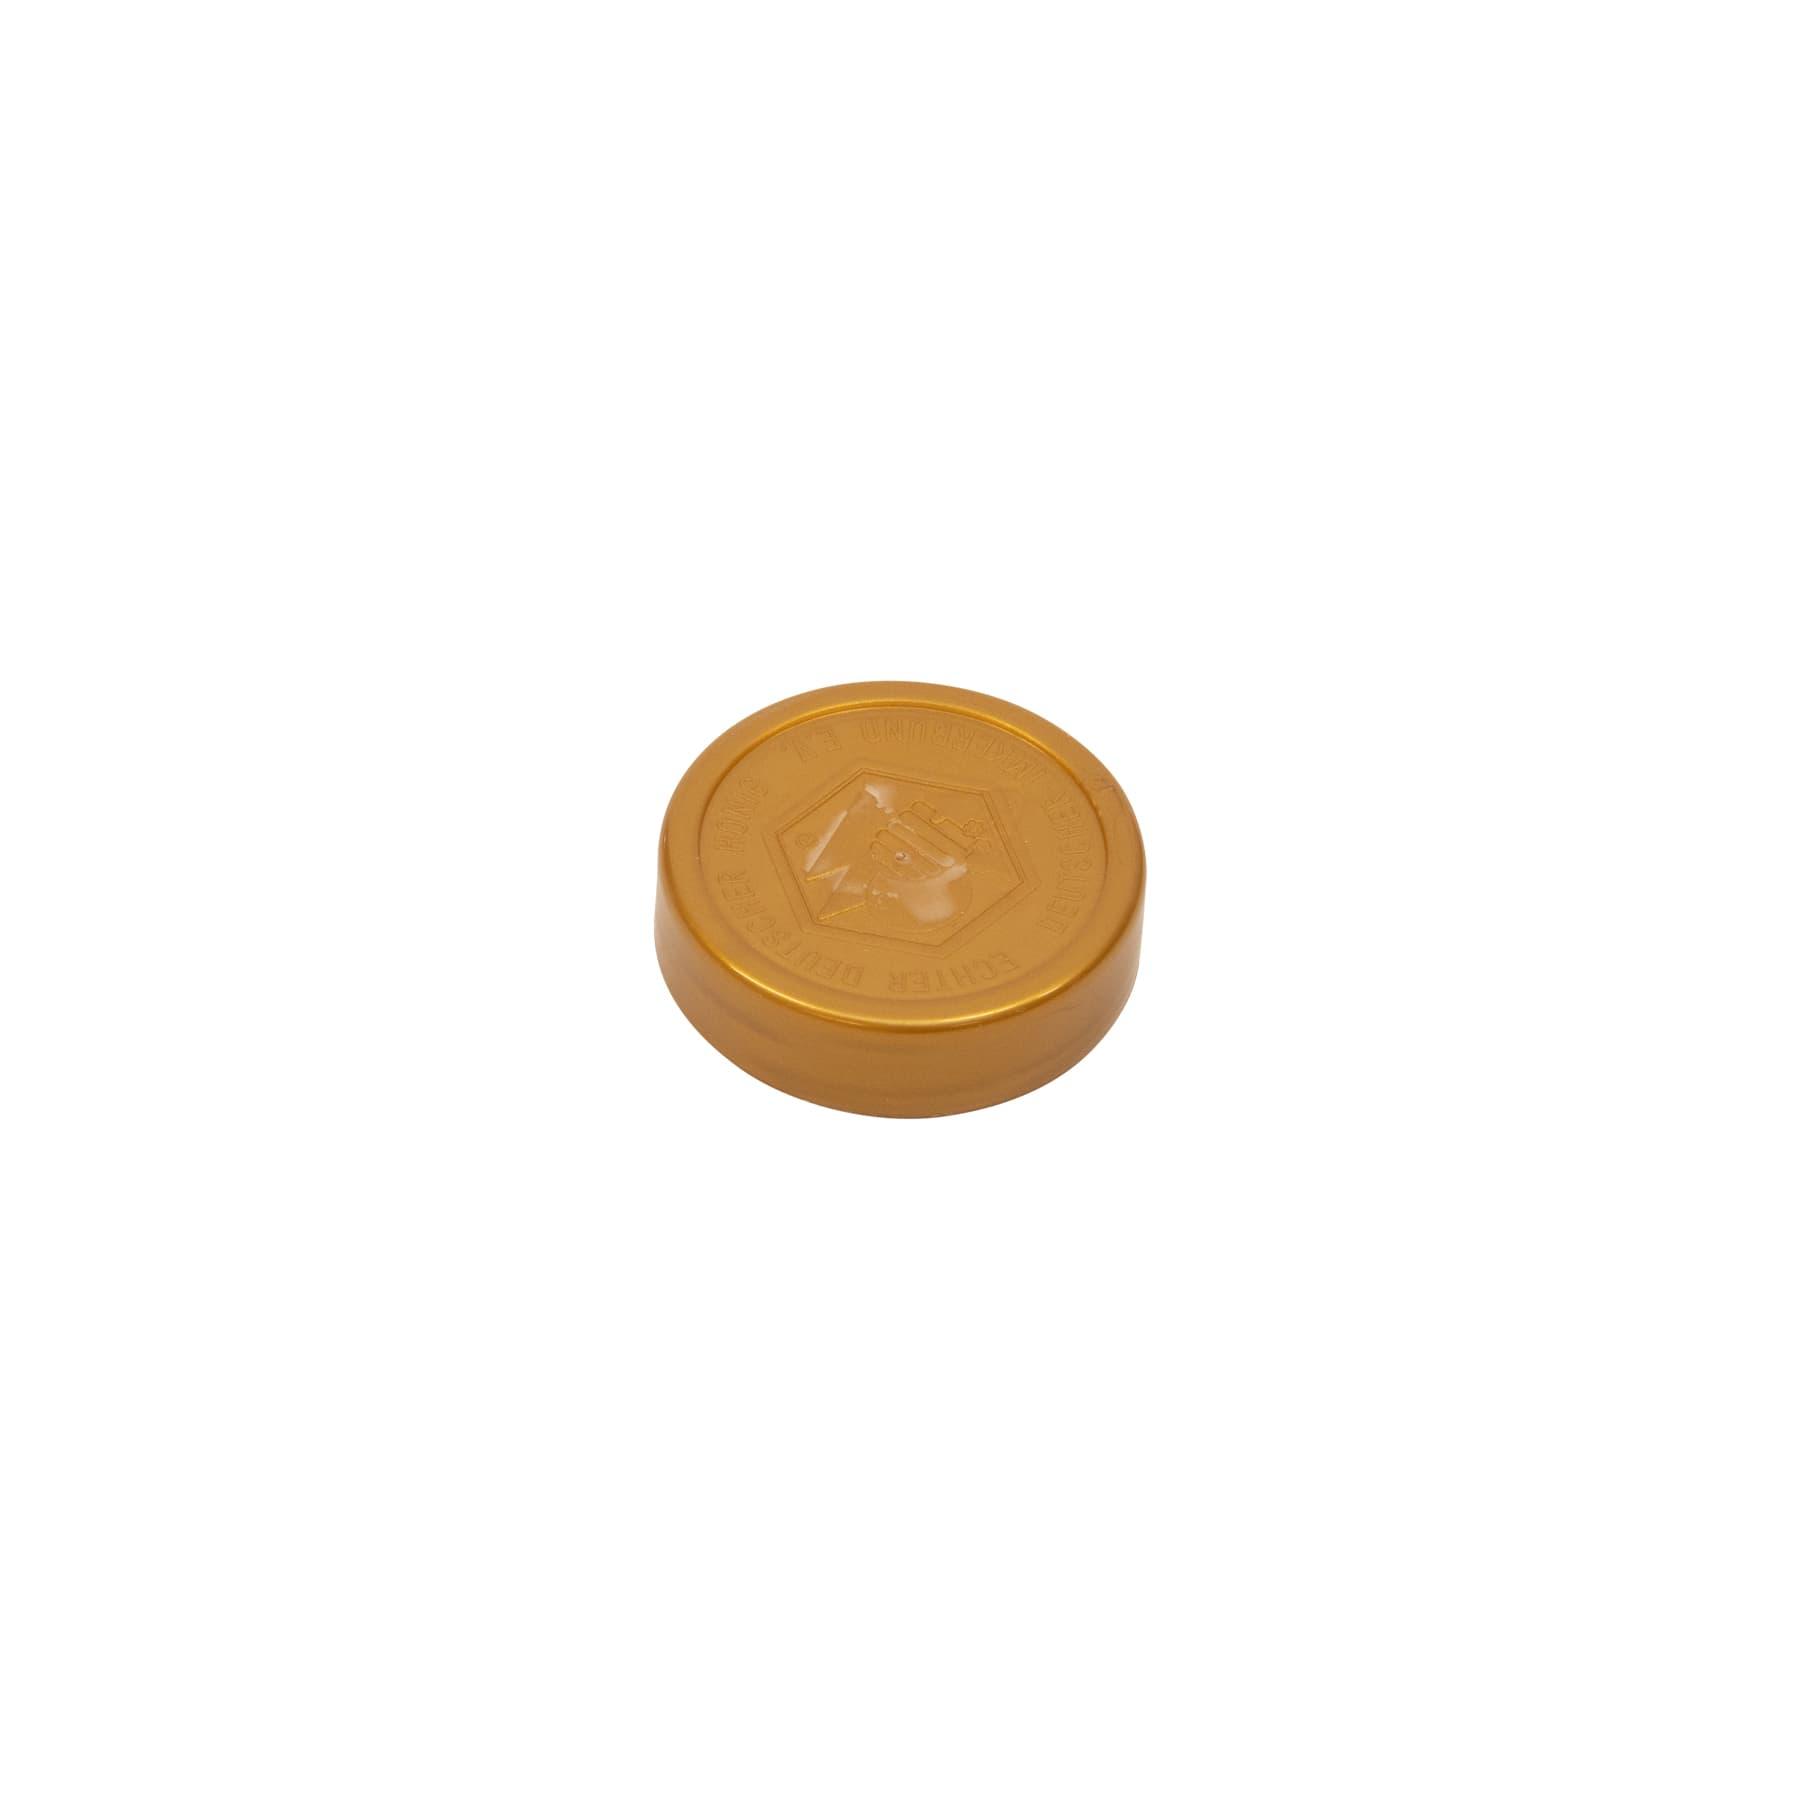 DIB Deckel für 30 g DIB-Glas